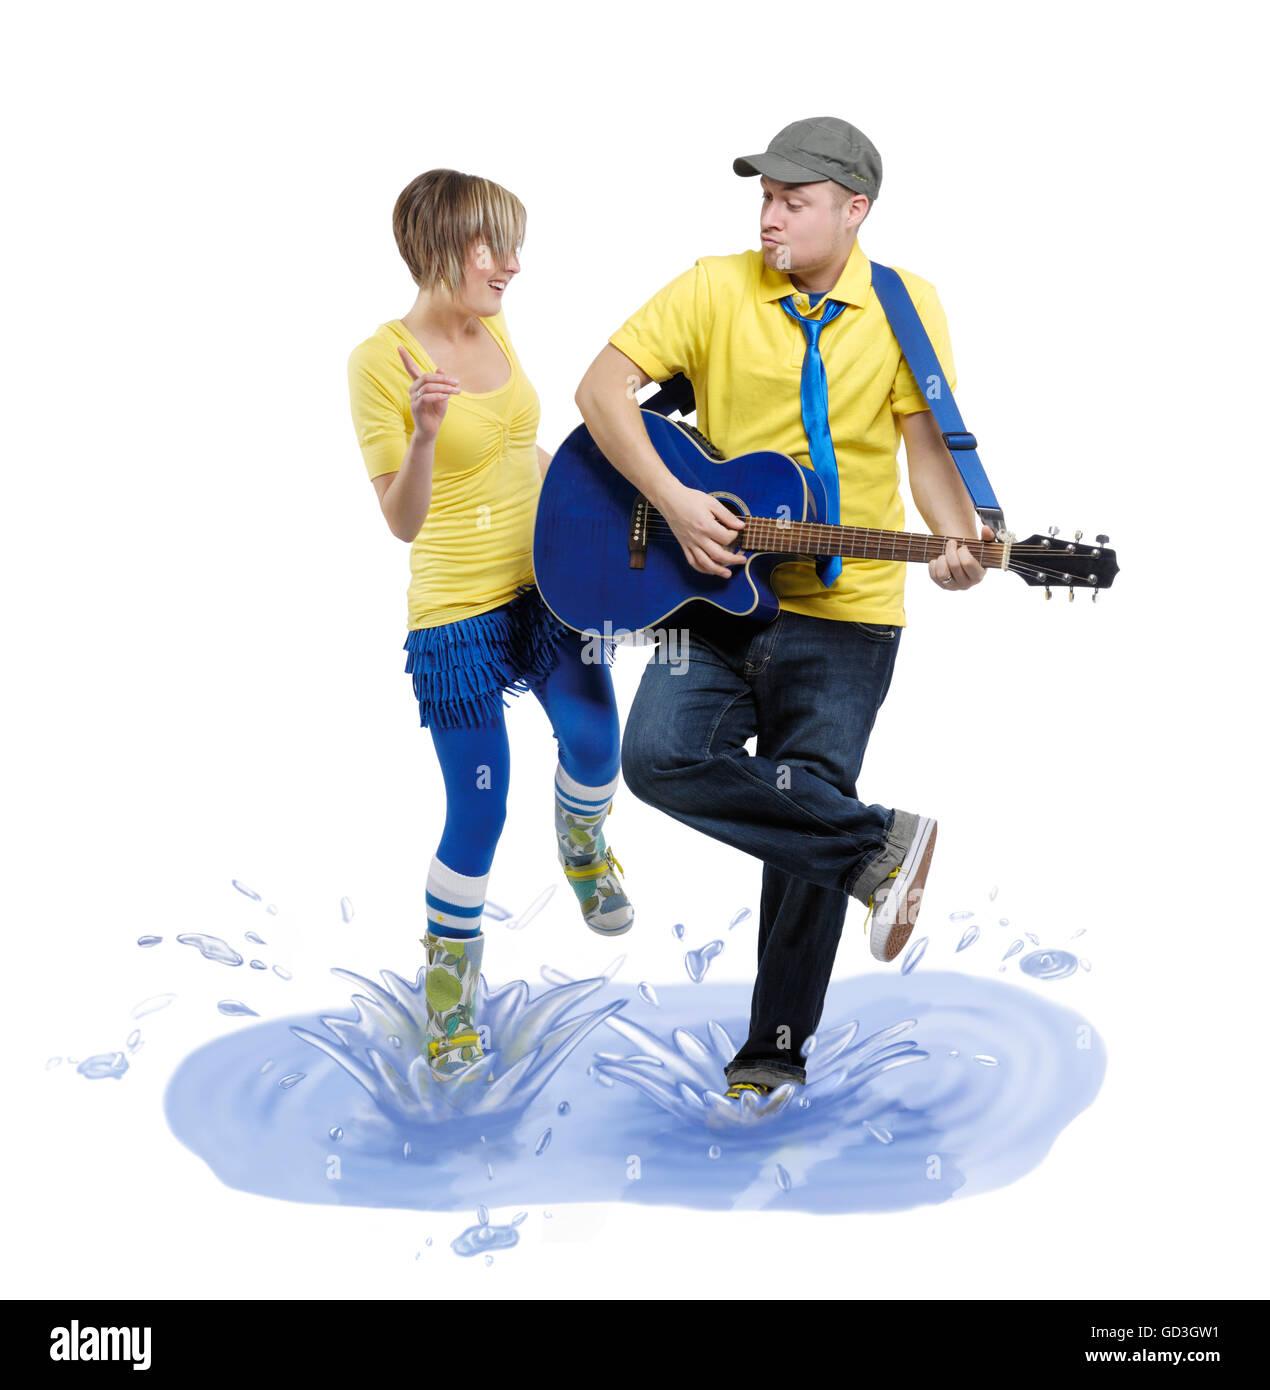 Hombre con una guitarra y una mujer bailando en un charco con salpicaduras de agua a su alrededor Imagen De Stock